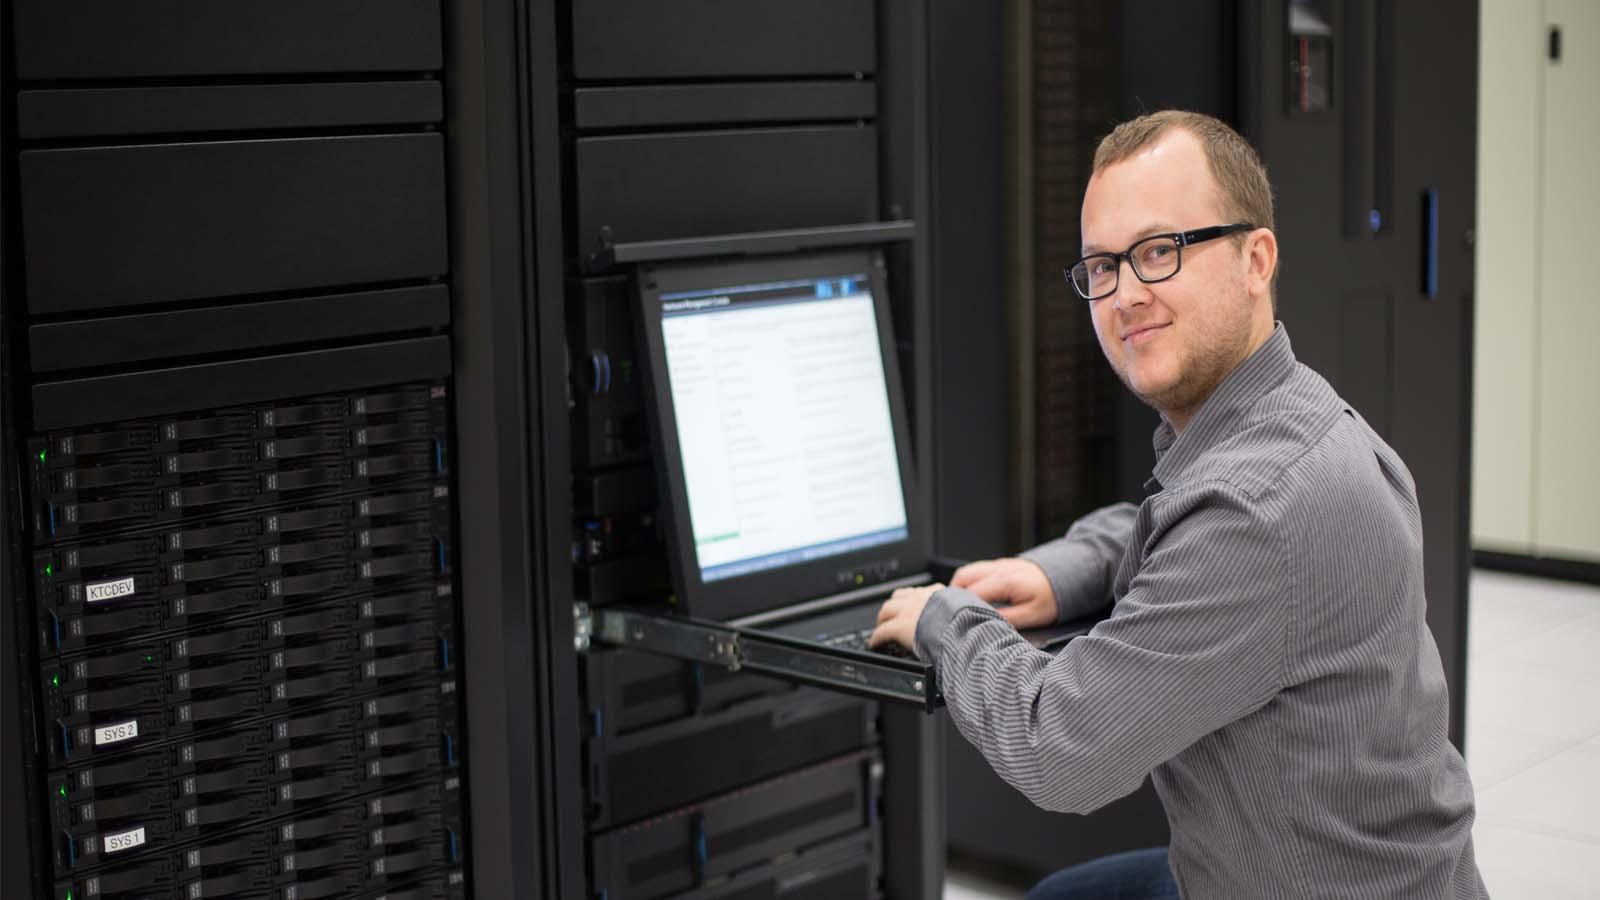 hulp bij een ICT-probleem